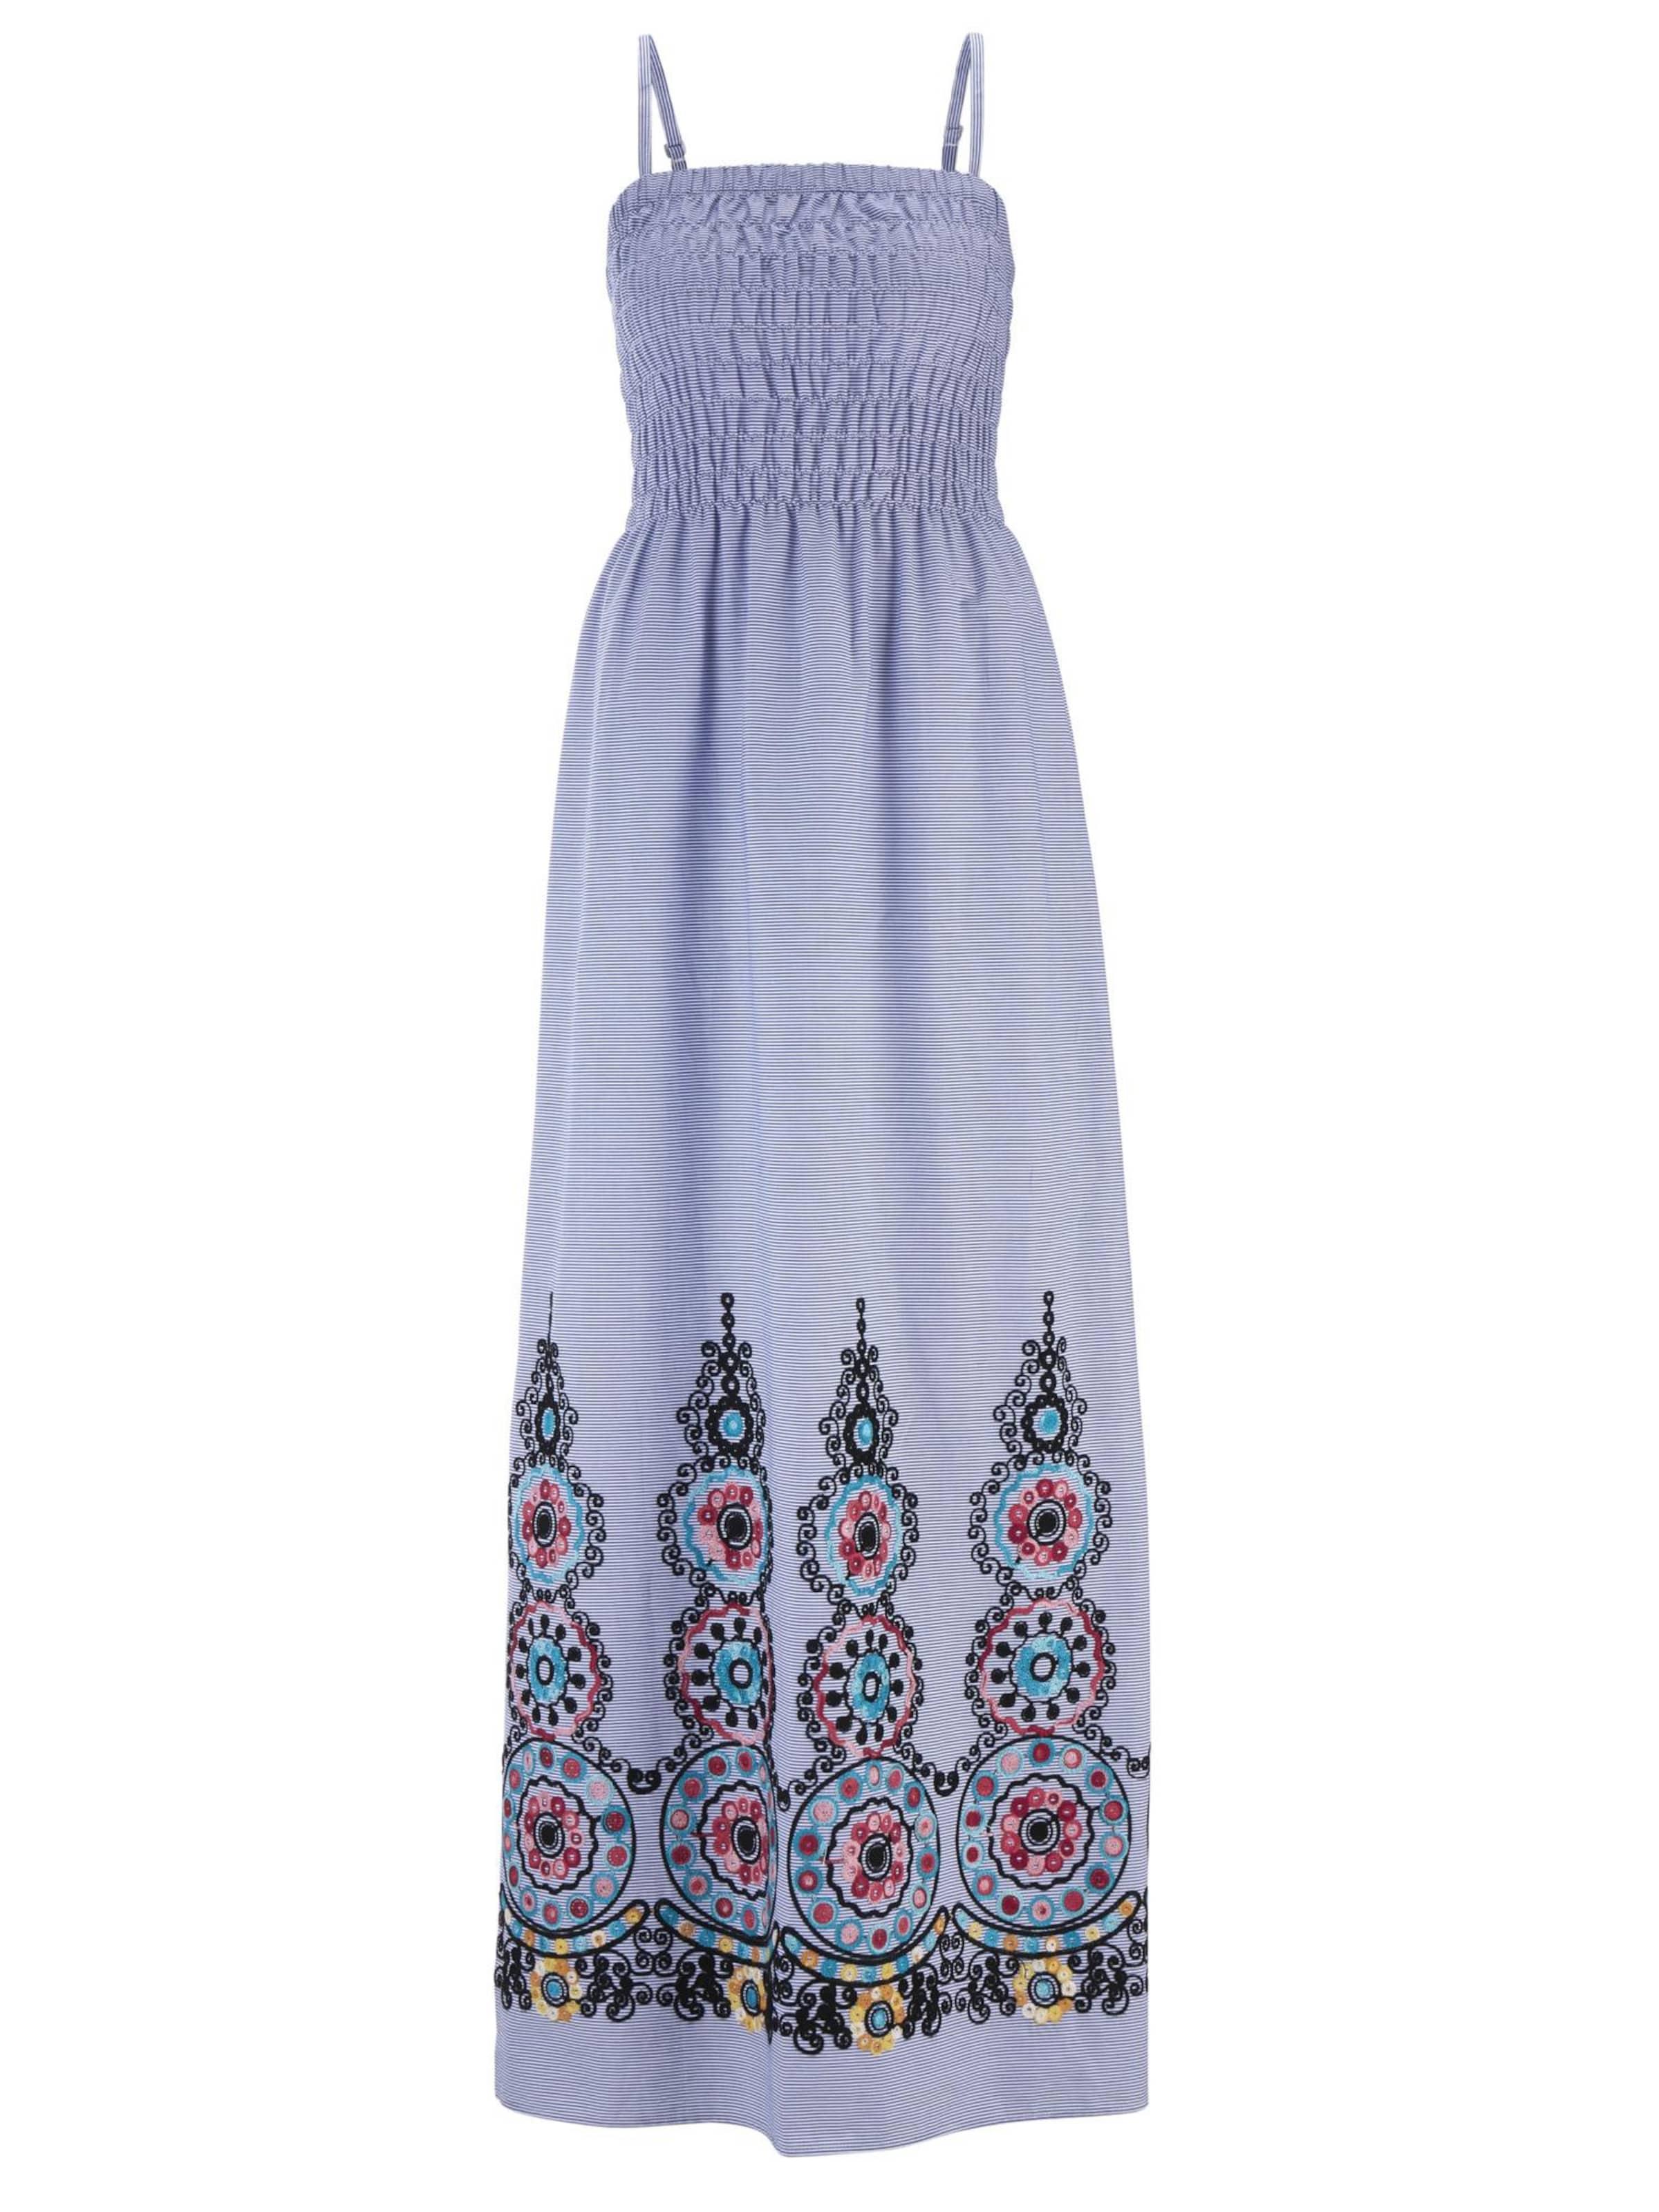 Heine Kleid Kleid In TaubenblauMischfarben Weiß Heine dBrxWQCoe